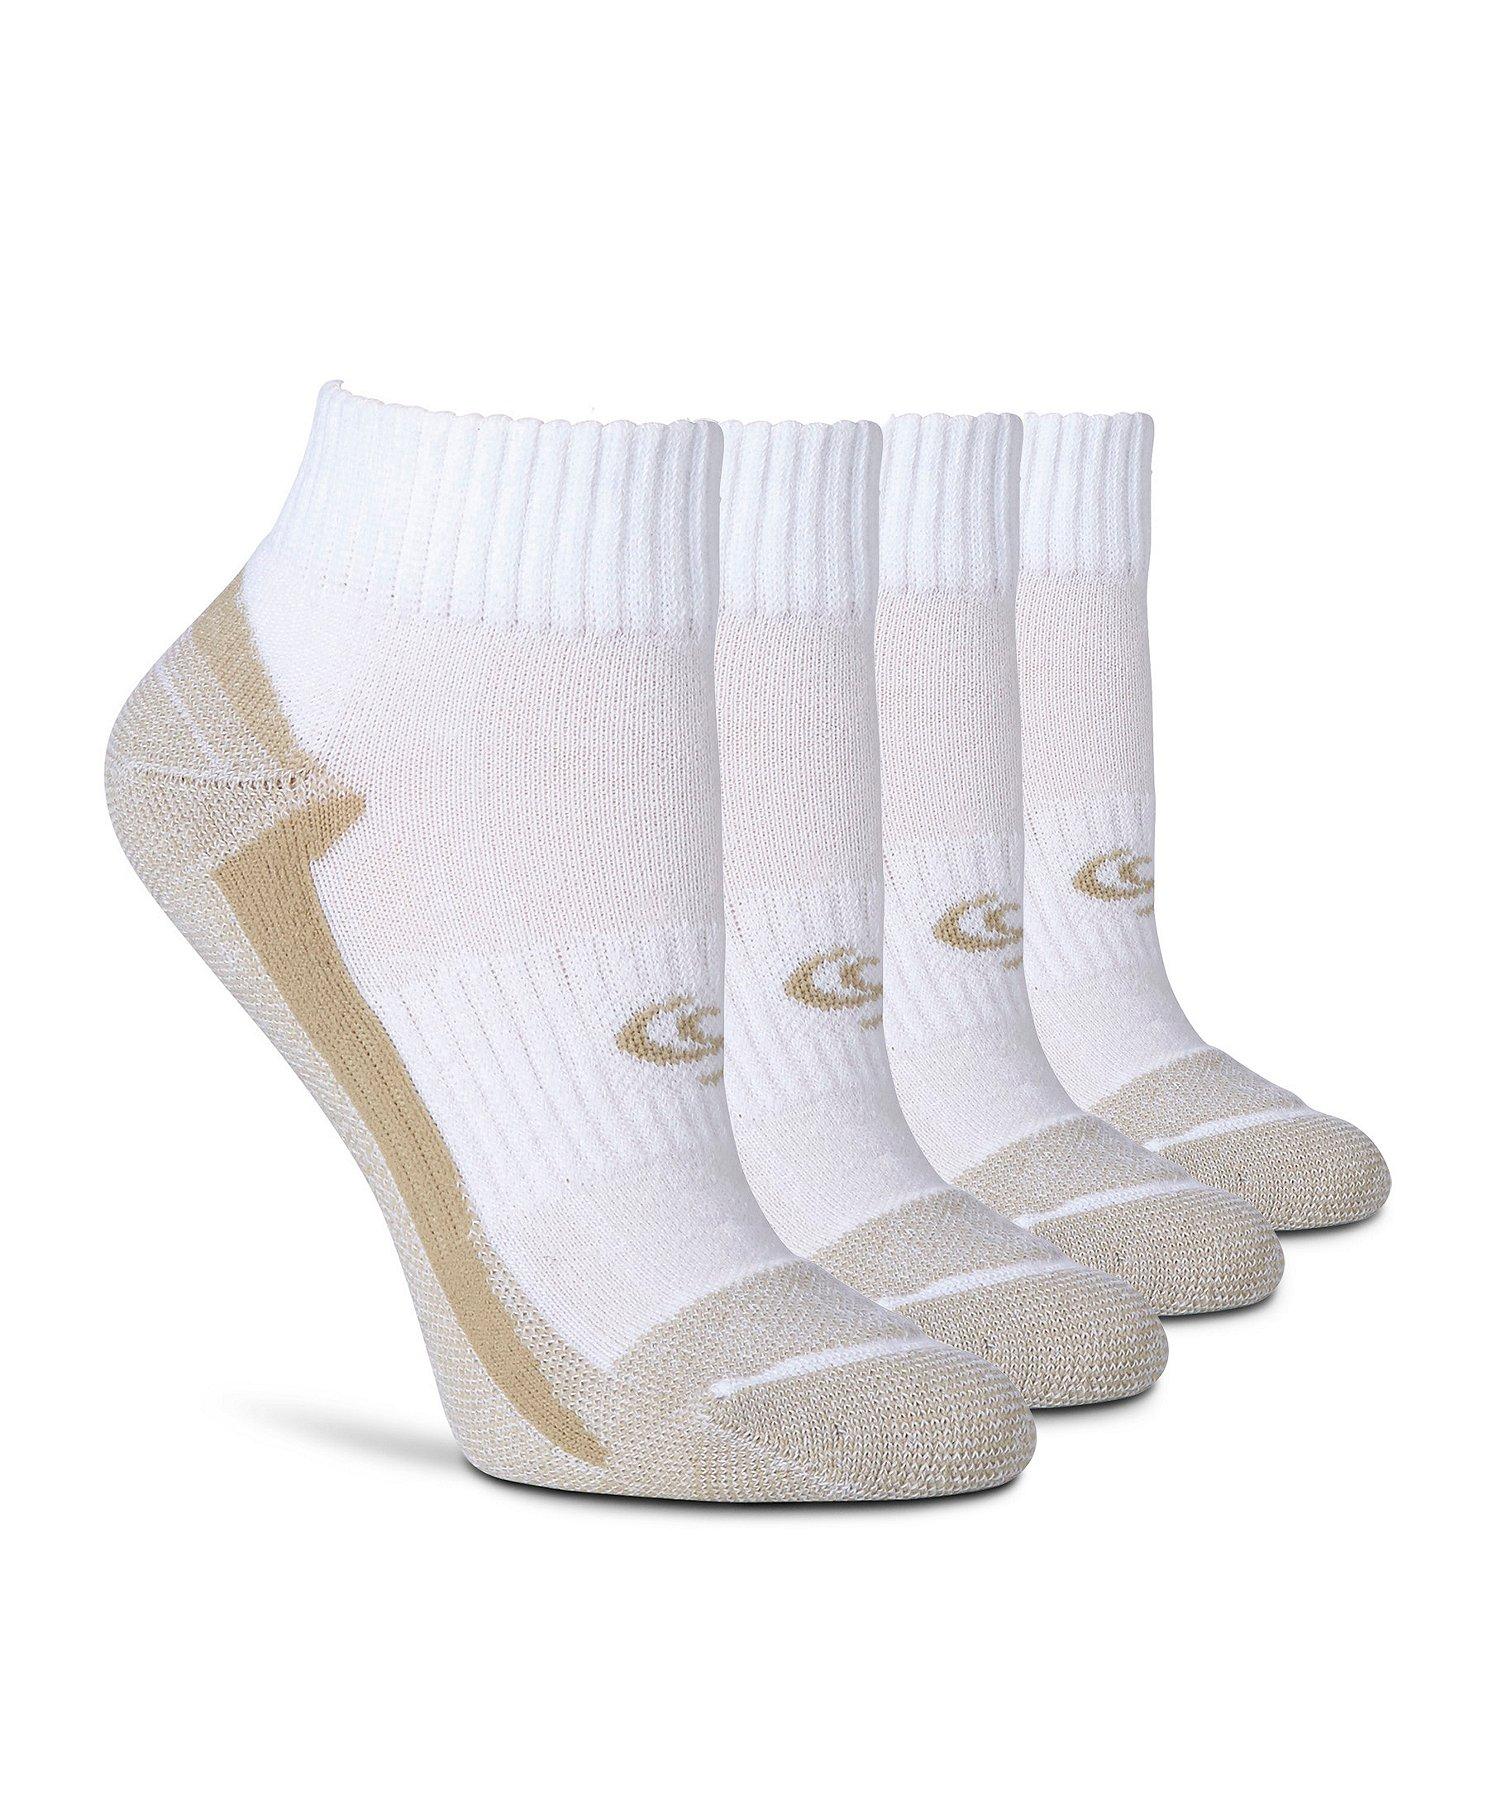 Women's 4-Pack Athletic Ankle Socks | Mark's